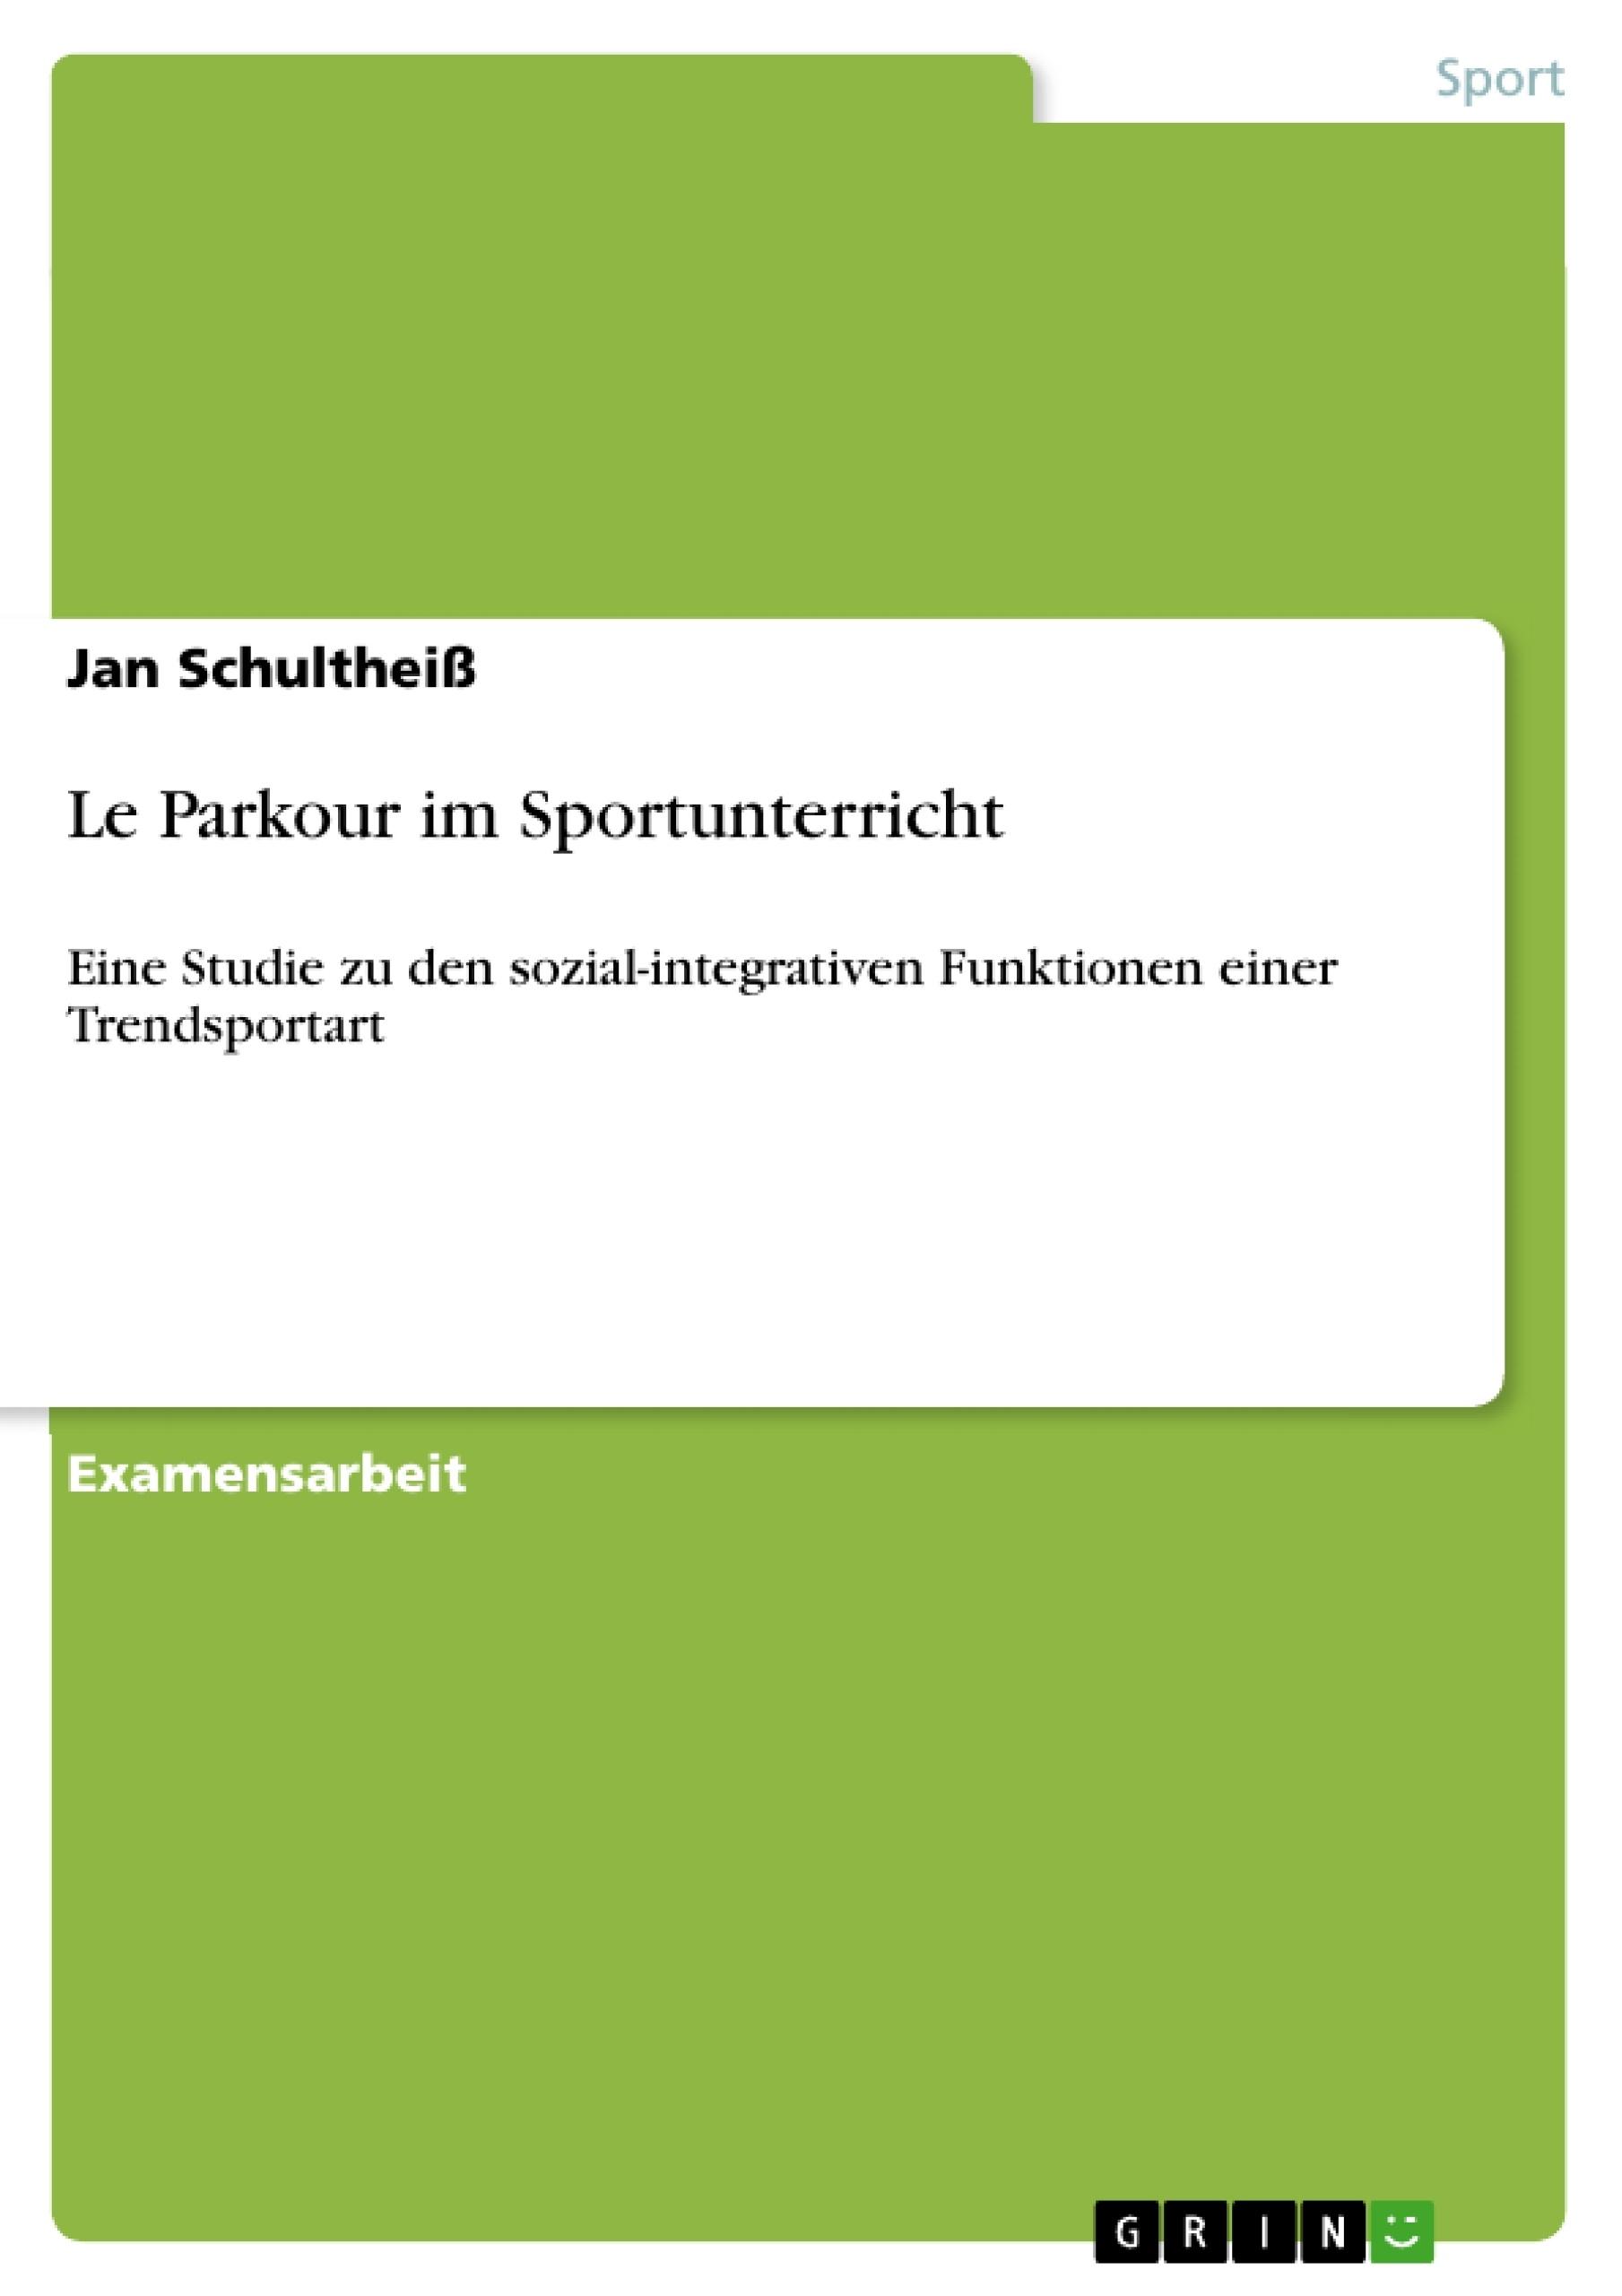 Titel: Le Parkour im Sportunterricht